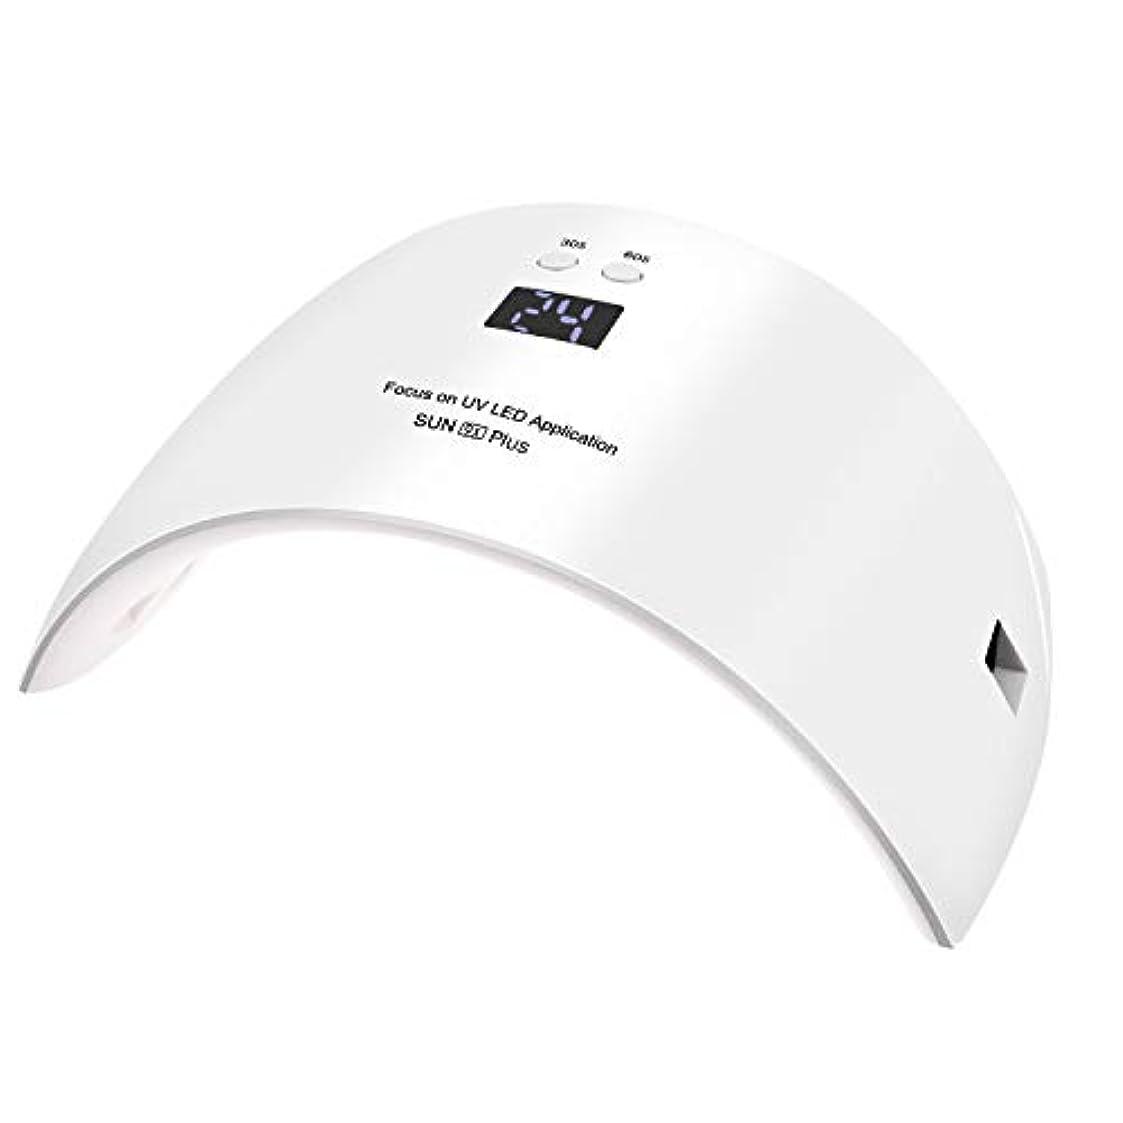 ミルクつかむ製造Heshare LED ネイルドライヤー 36W uvライト レジン用 UV ネイルライト 硬化用 セルフネイル タイマー機能 自動センサー機能 USB式 日本語説明書付き (36w)